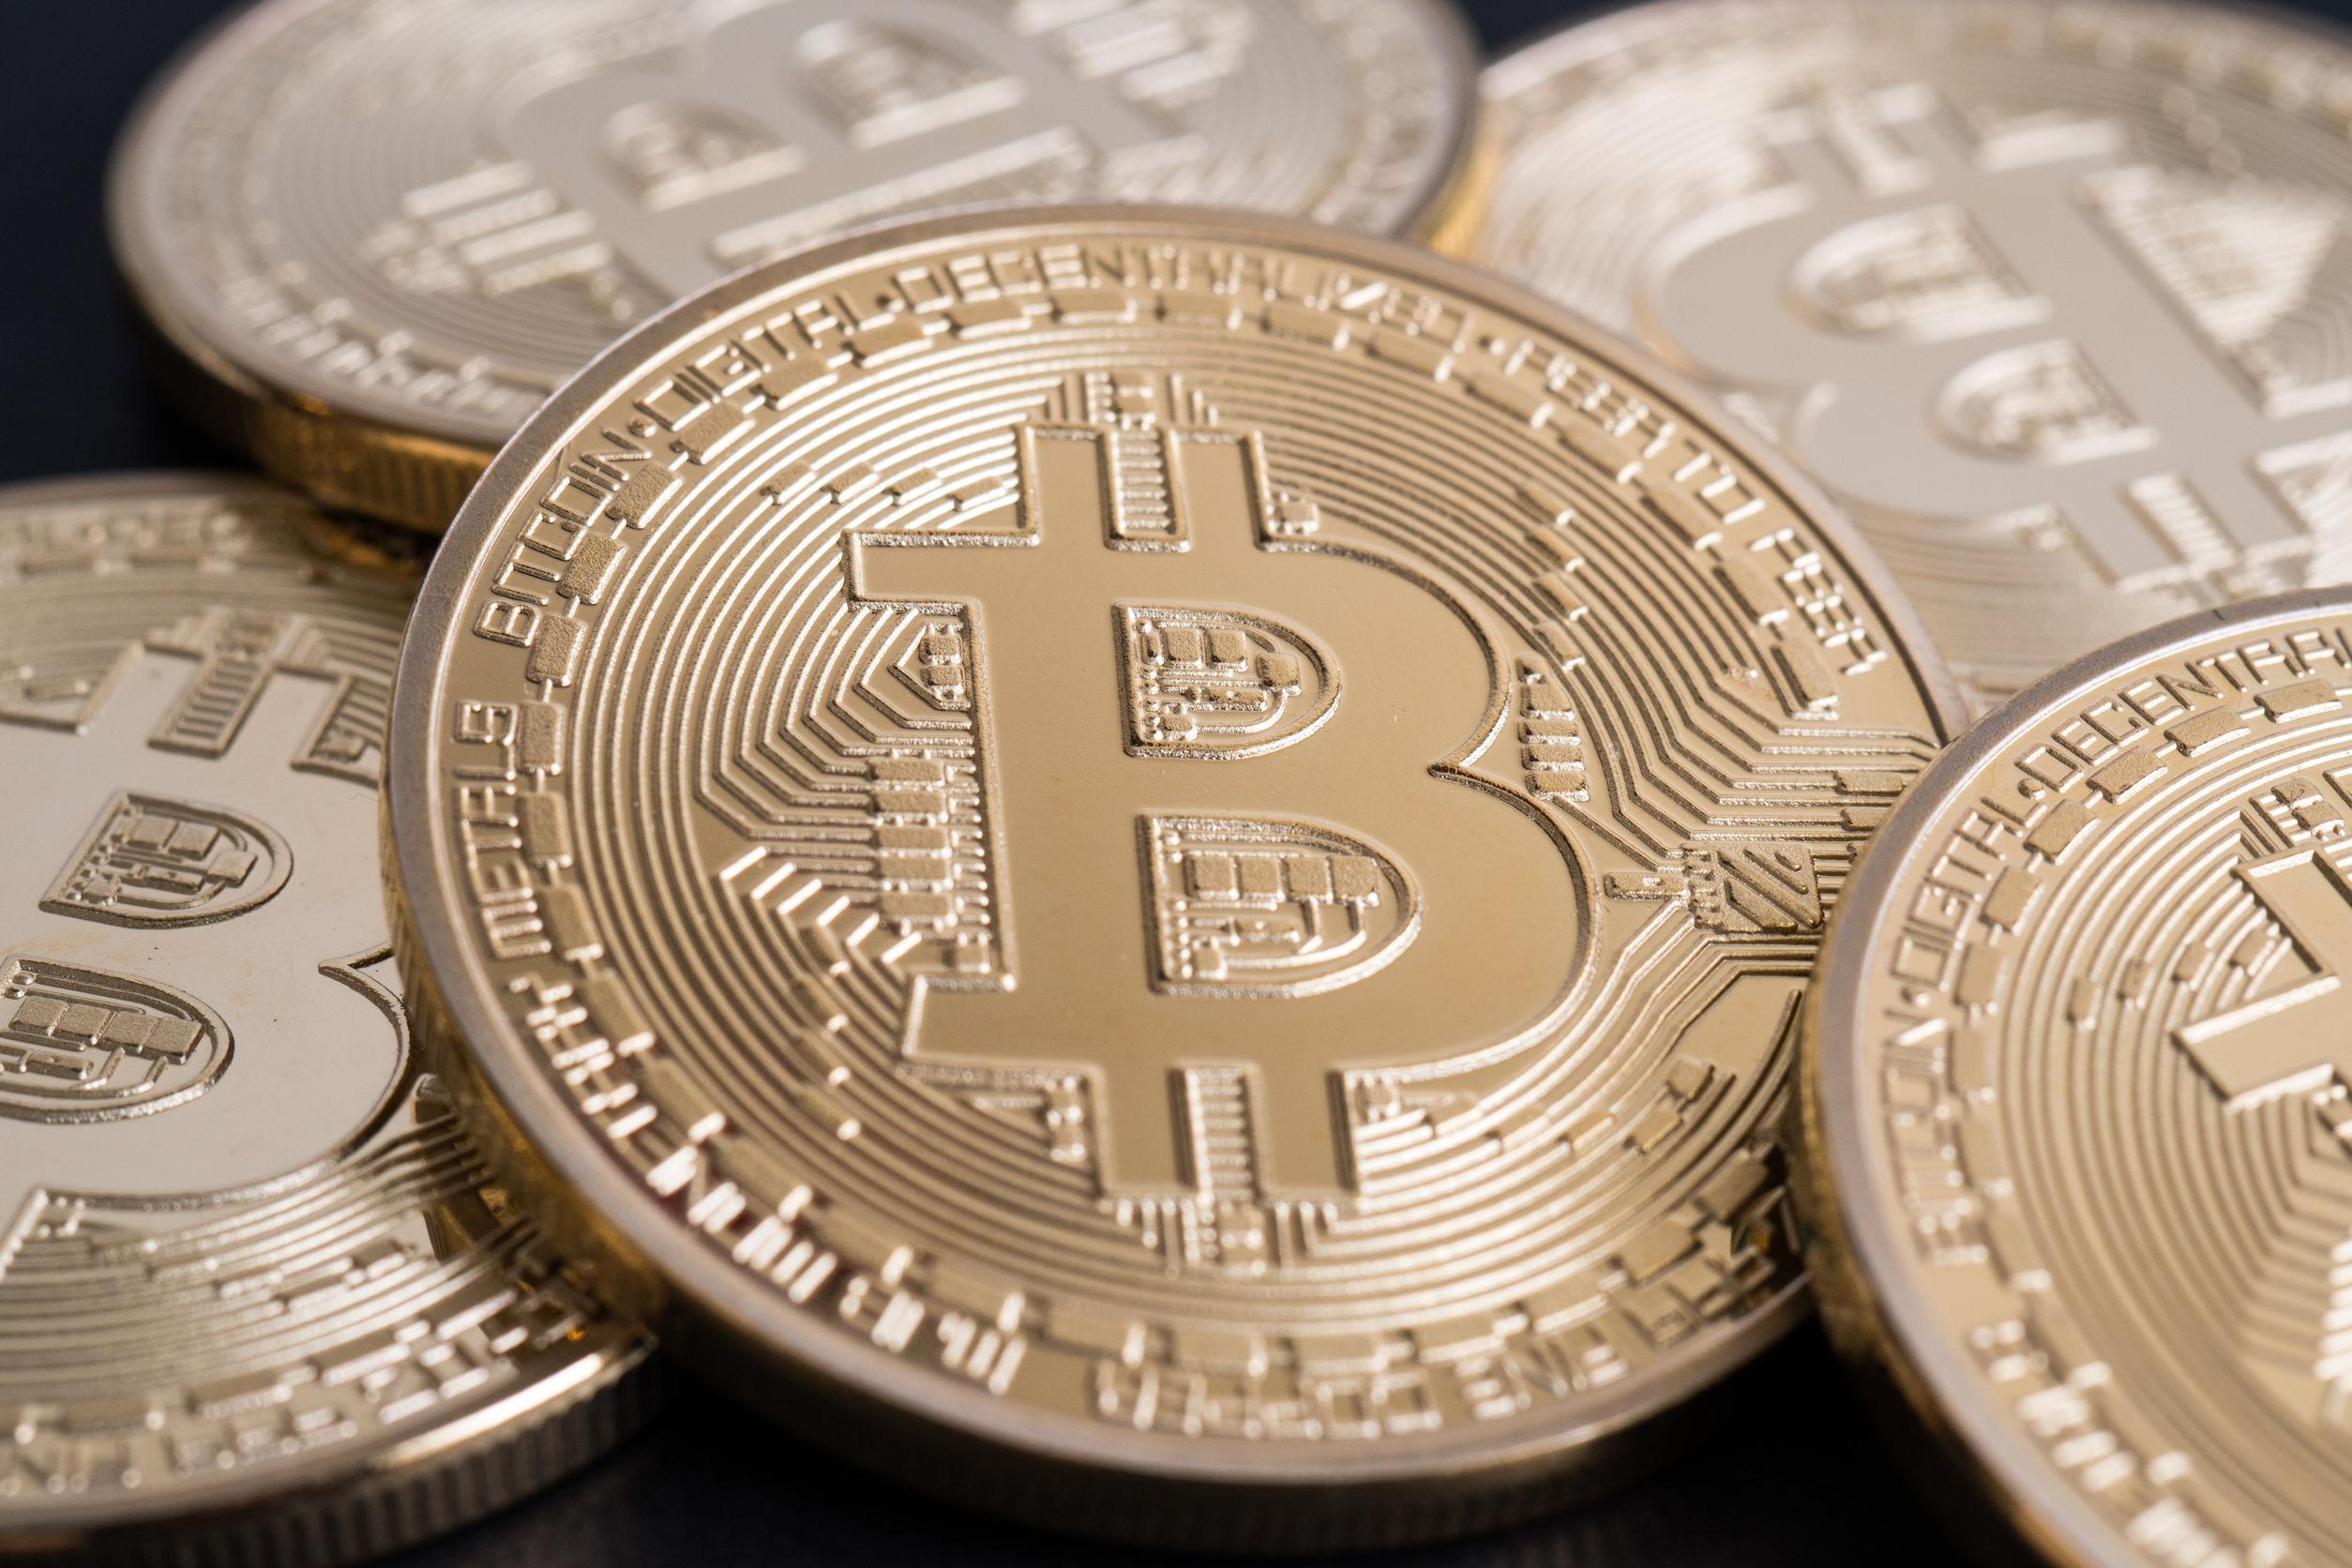 Akcijos vs prekyba bitkoinais pasirinkimo binarinė prekyba - gudriems.lt